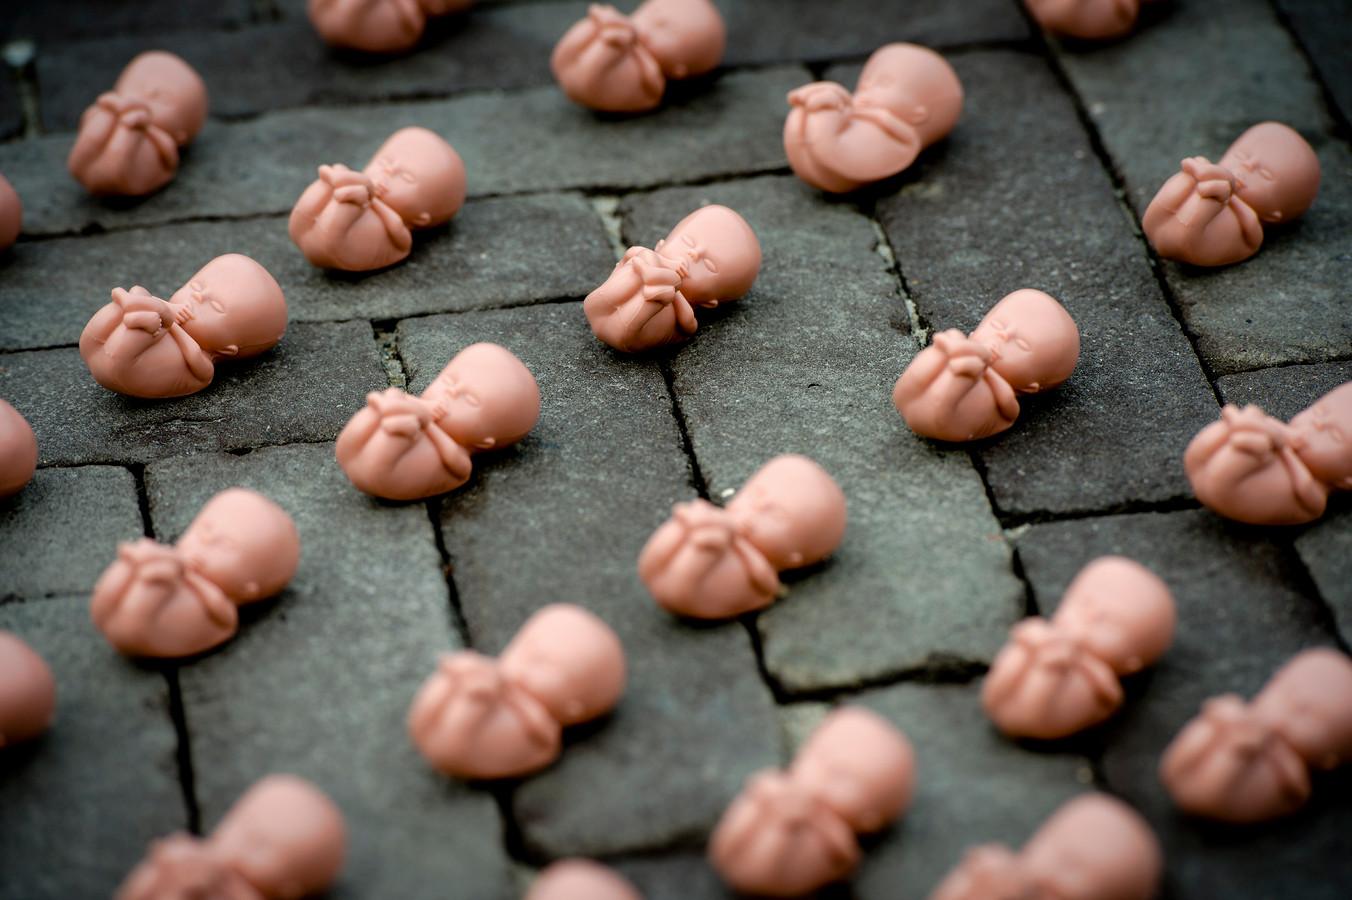 Een eerder protest van anti-abortusclubs in Houten. Enkele duizenden plastic foetussen liggen op een plein voor een winkelcentrum